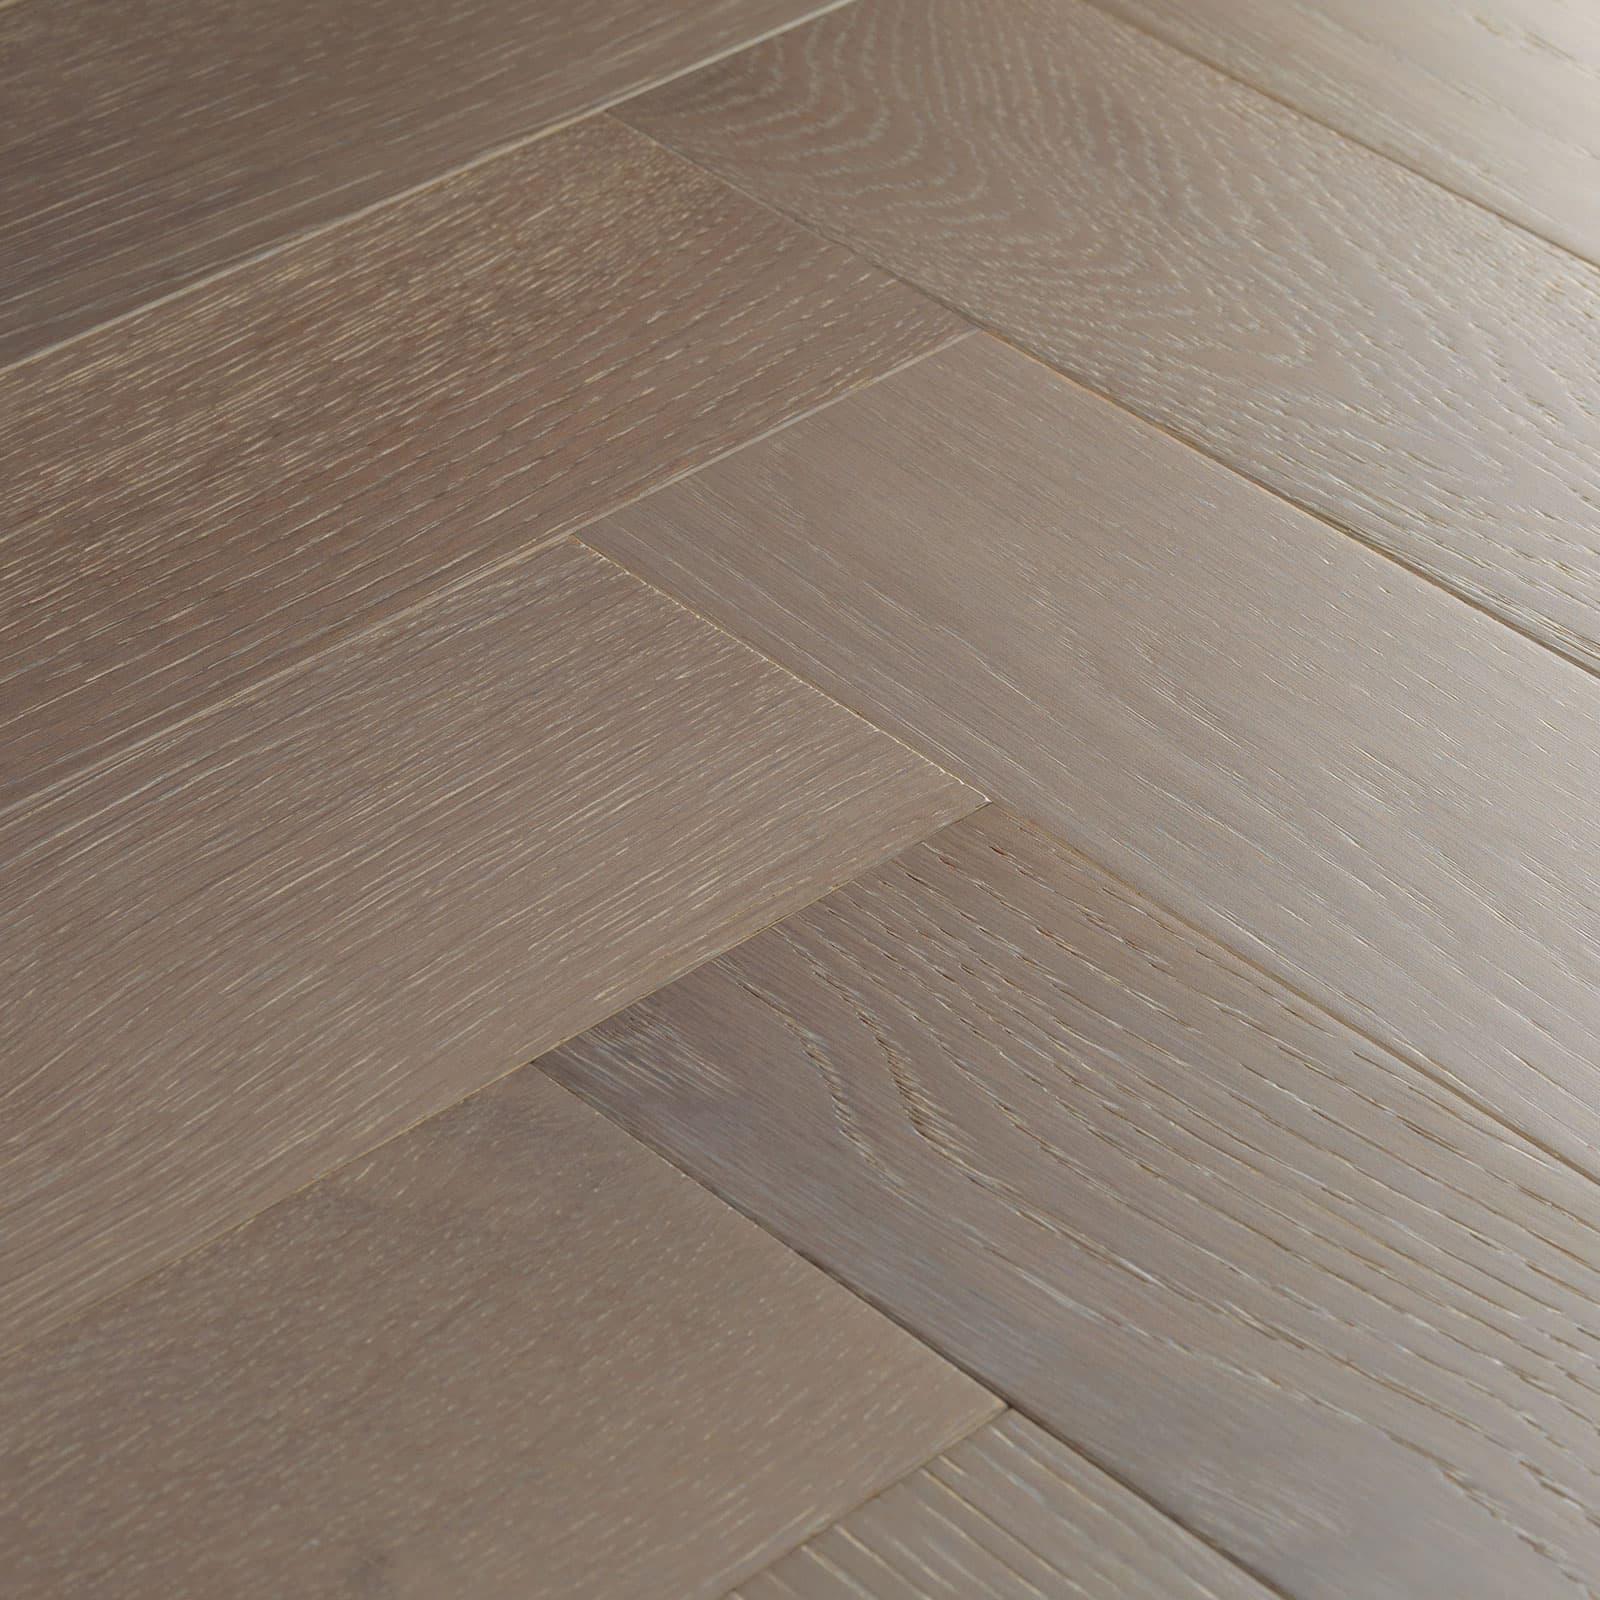 feather oak parquet flooring swatch